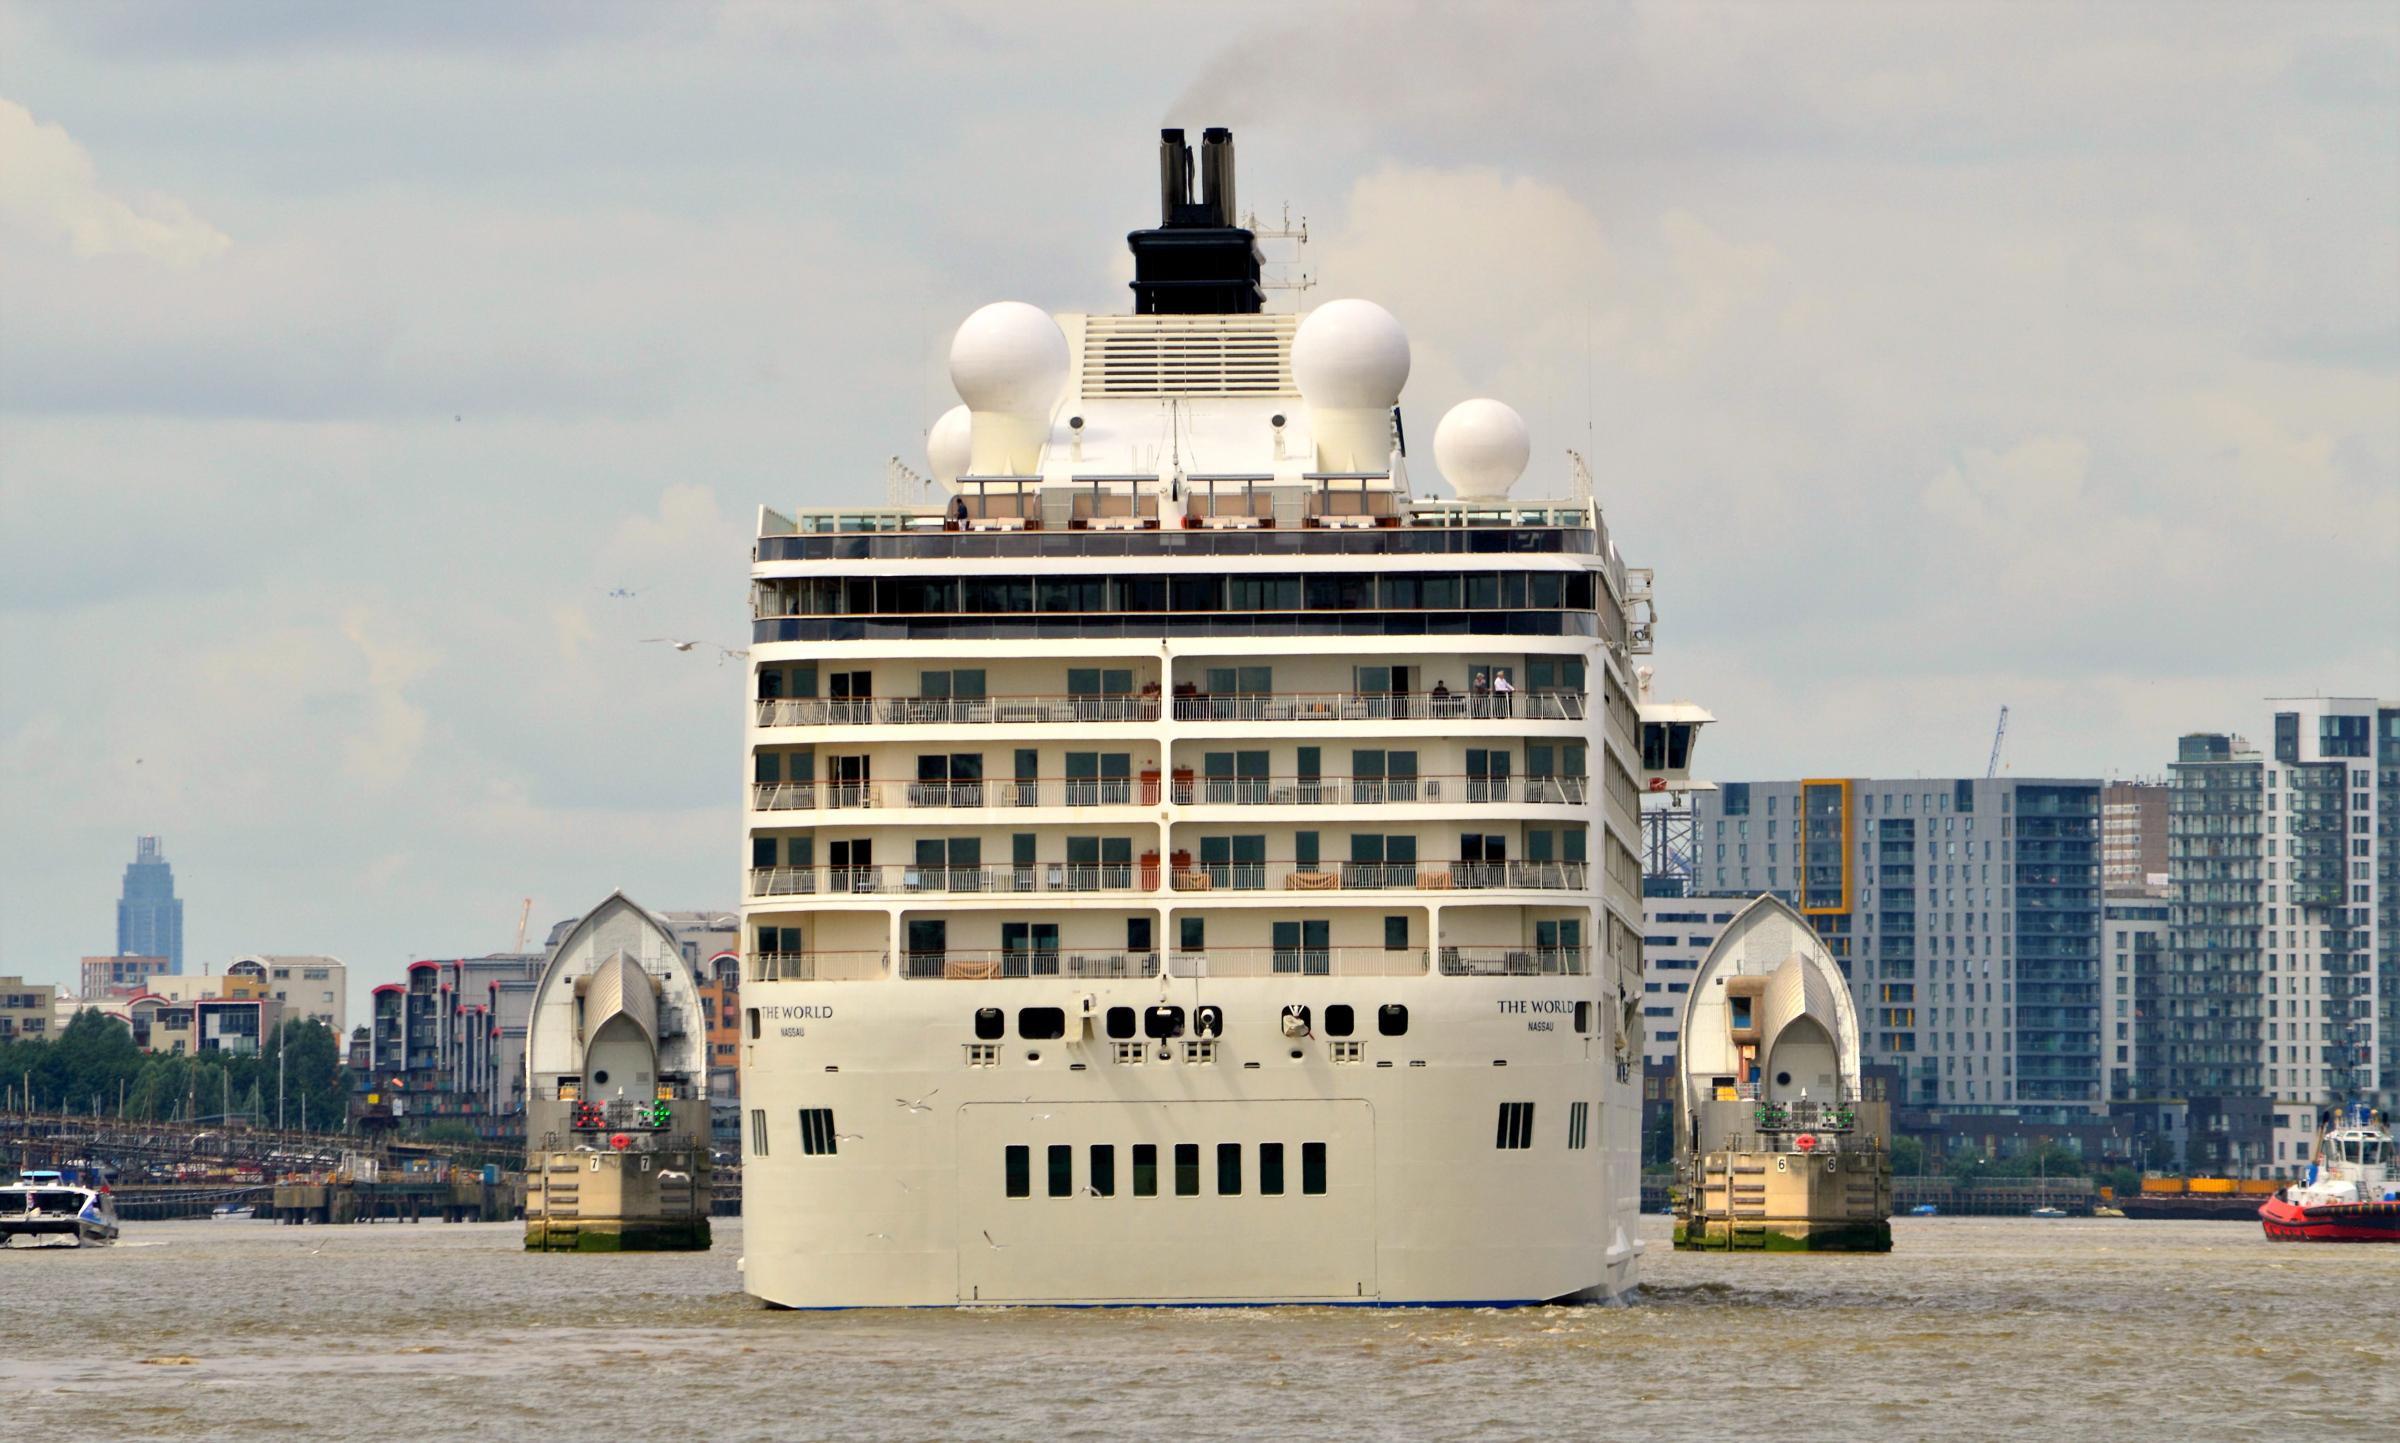 The World Cruise ship at the Royal Docks